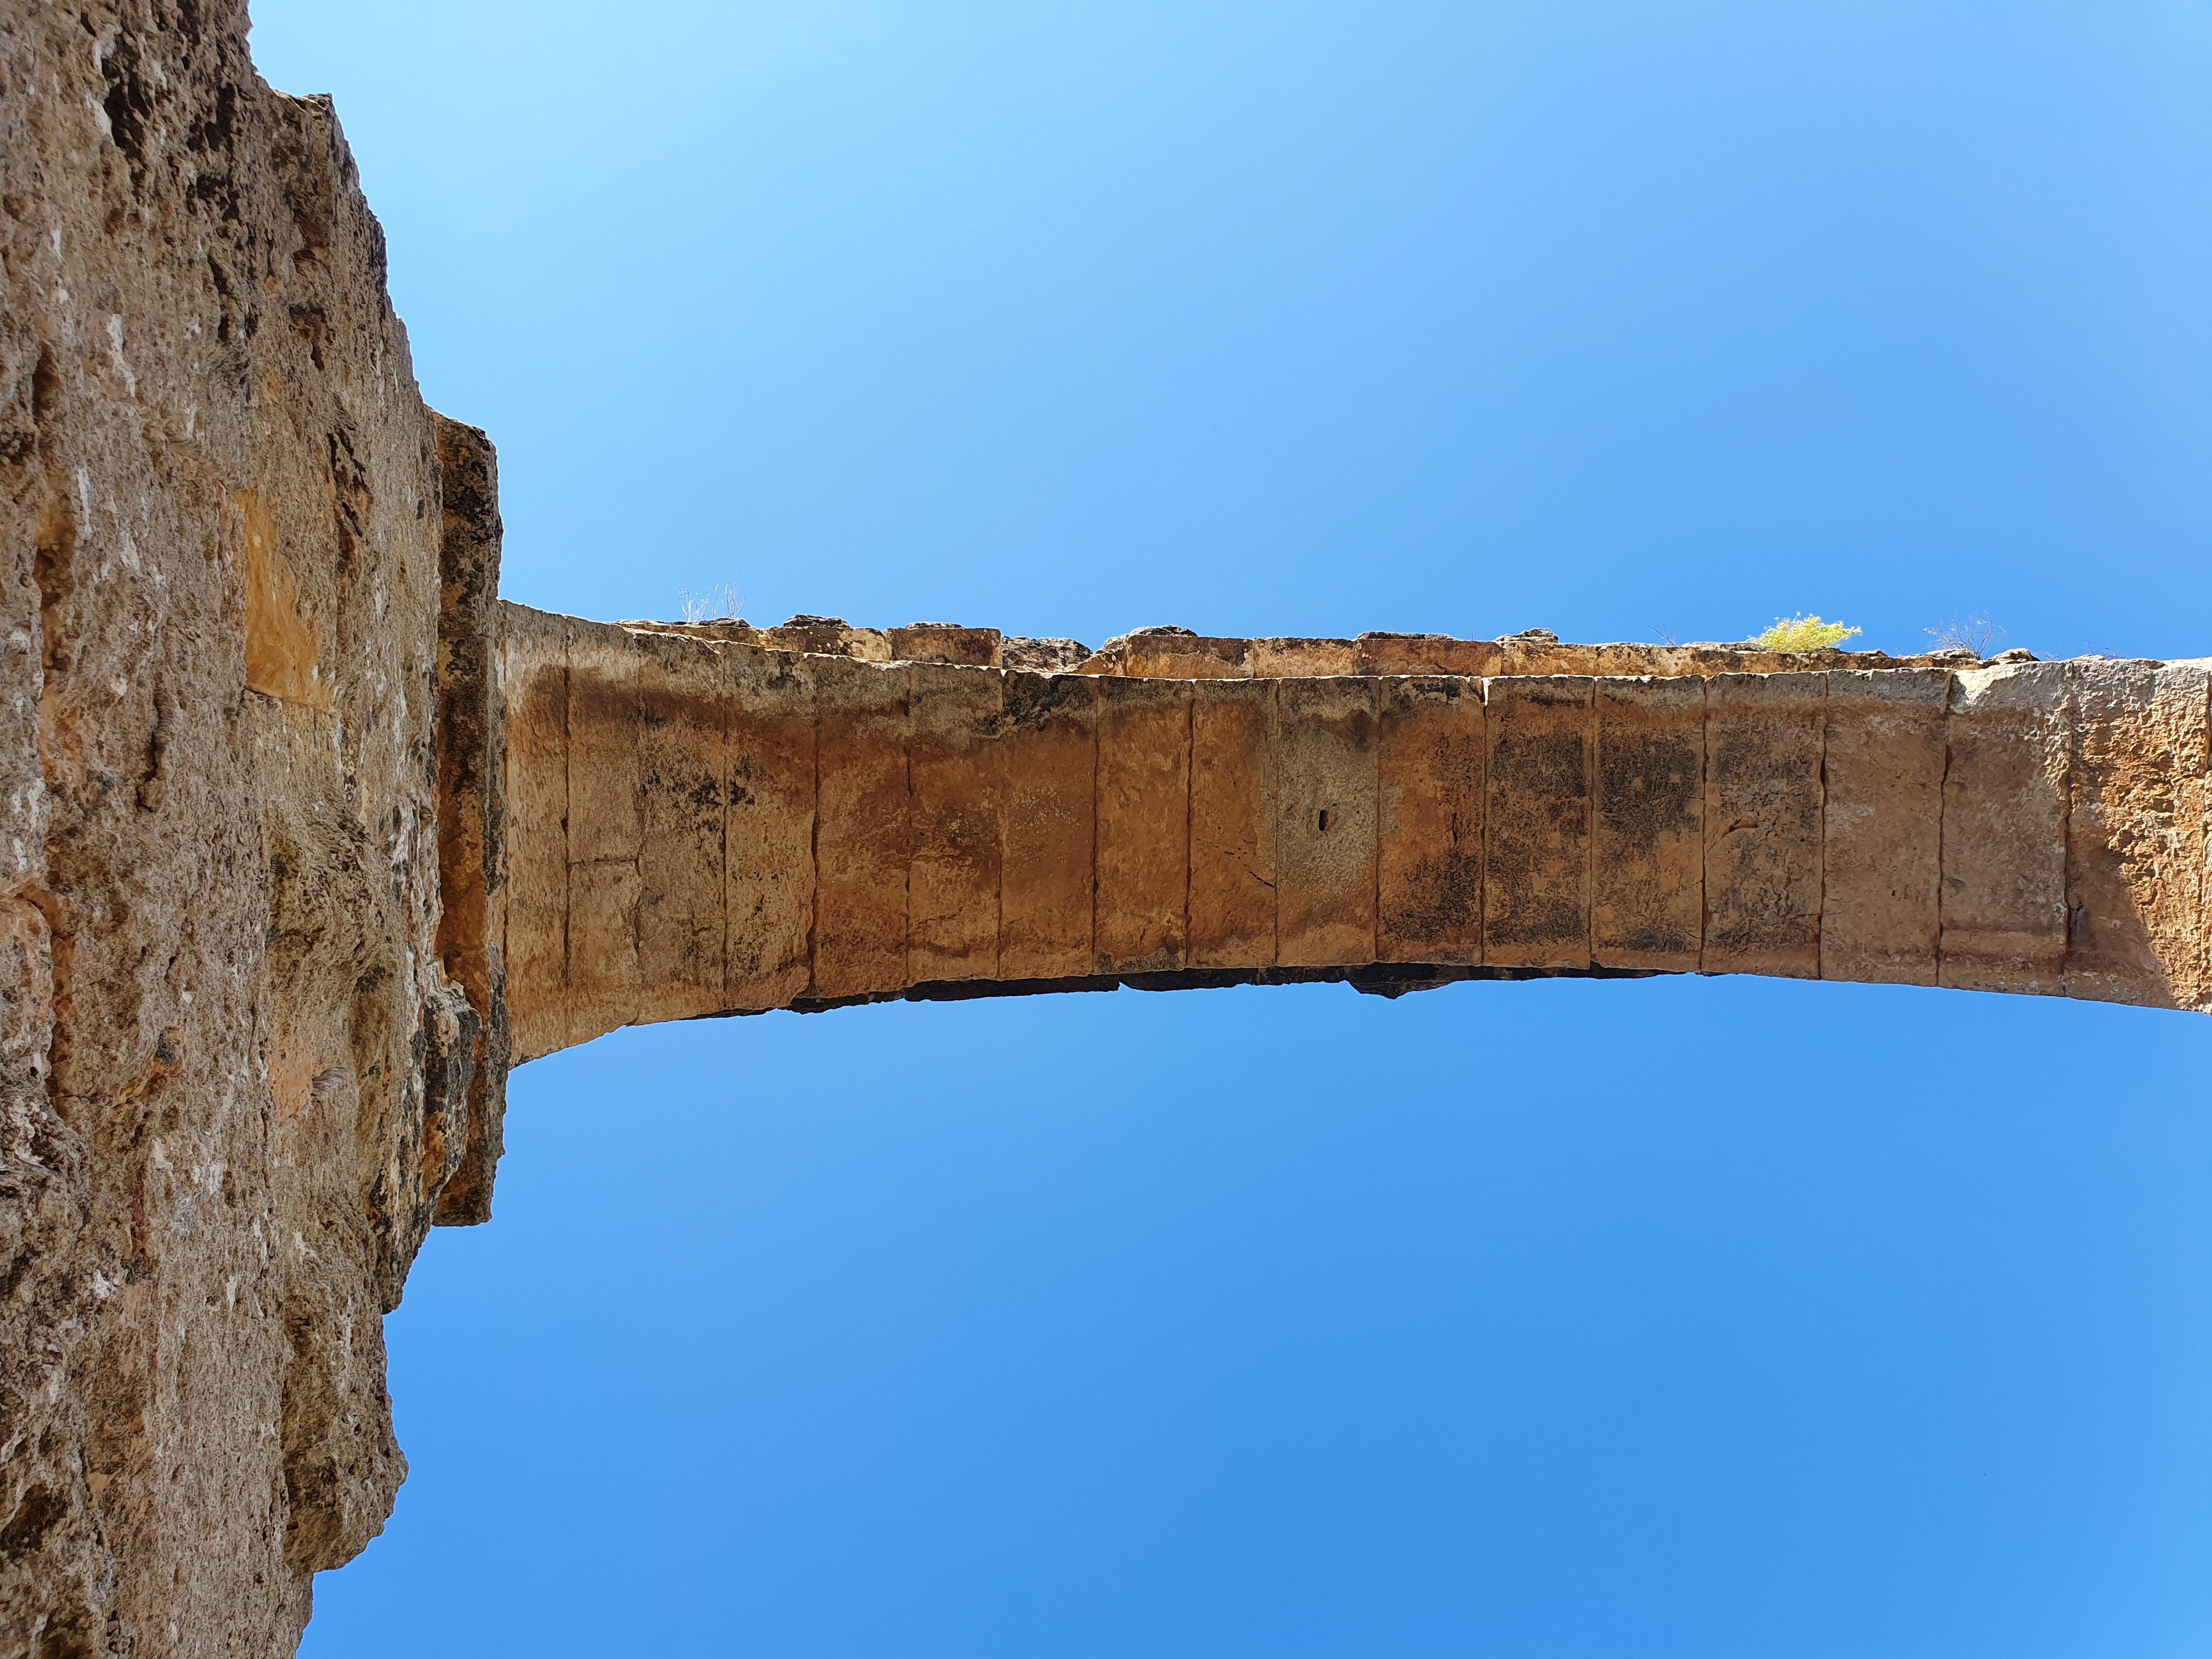 Pont del Diable Aqueduct